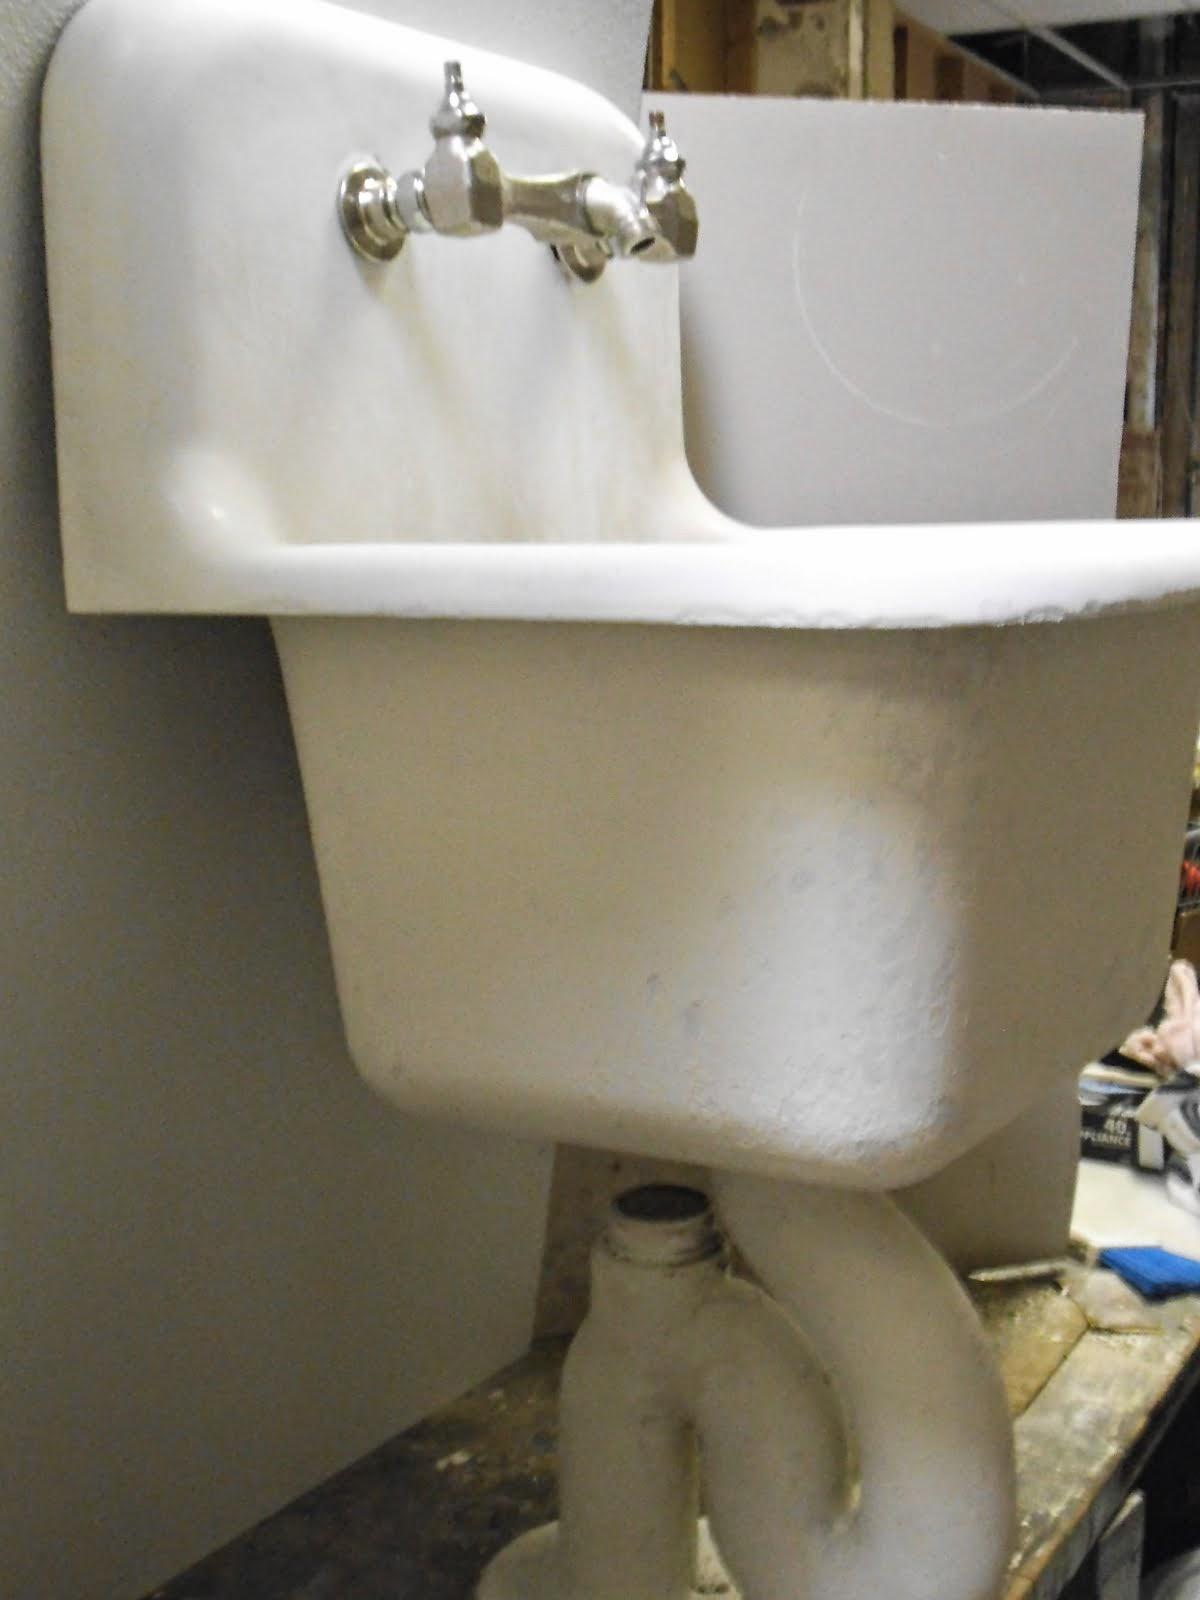 Mop & Slop Sinks